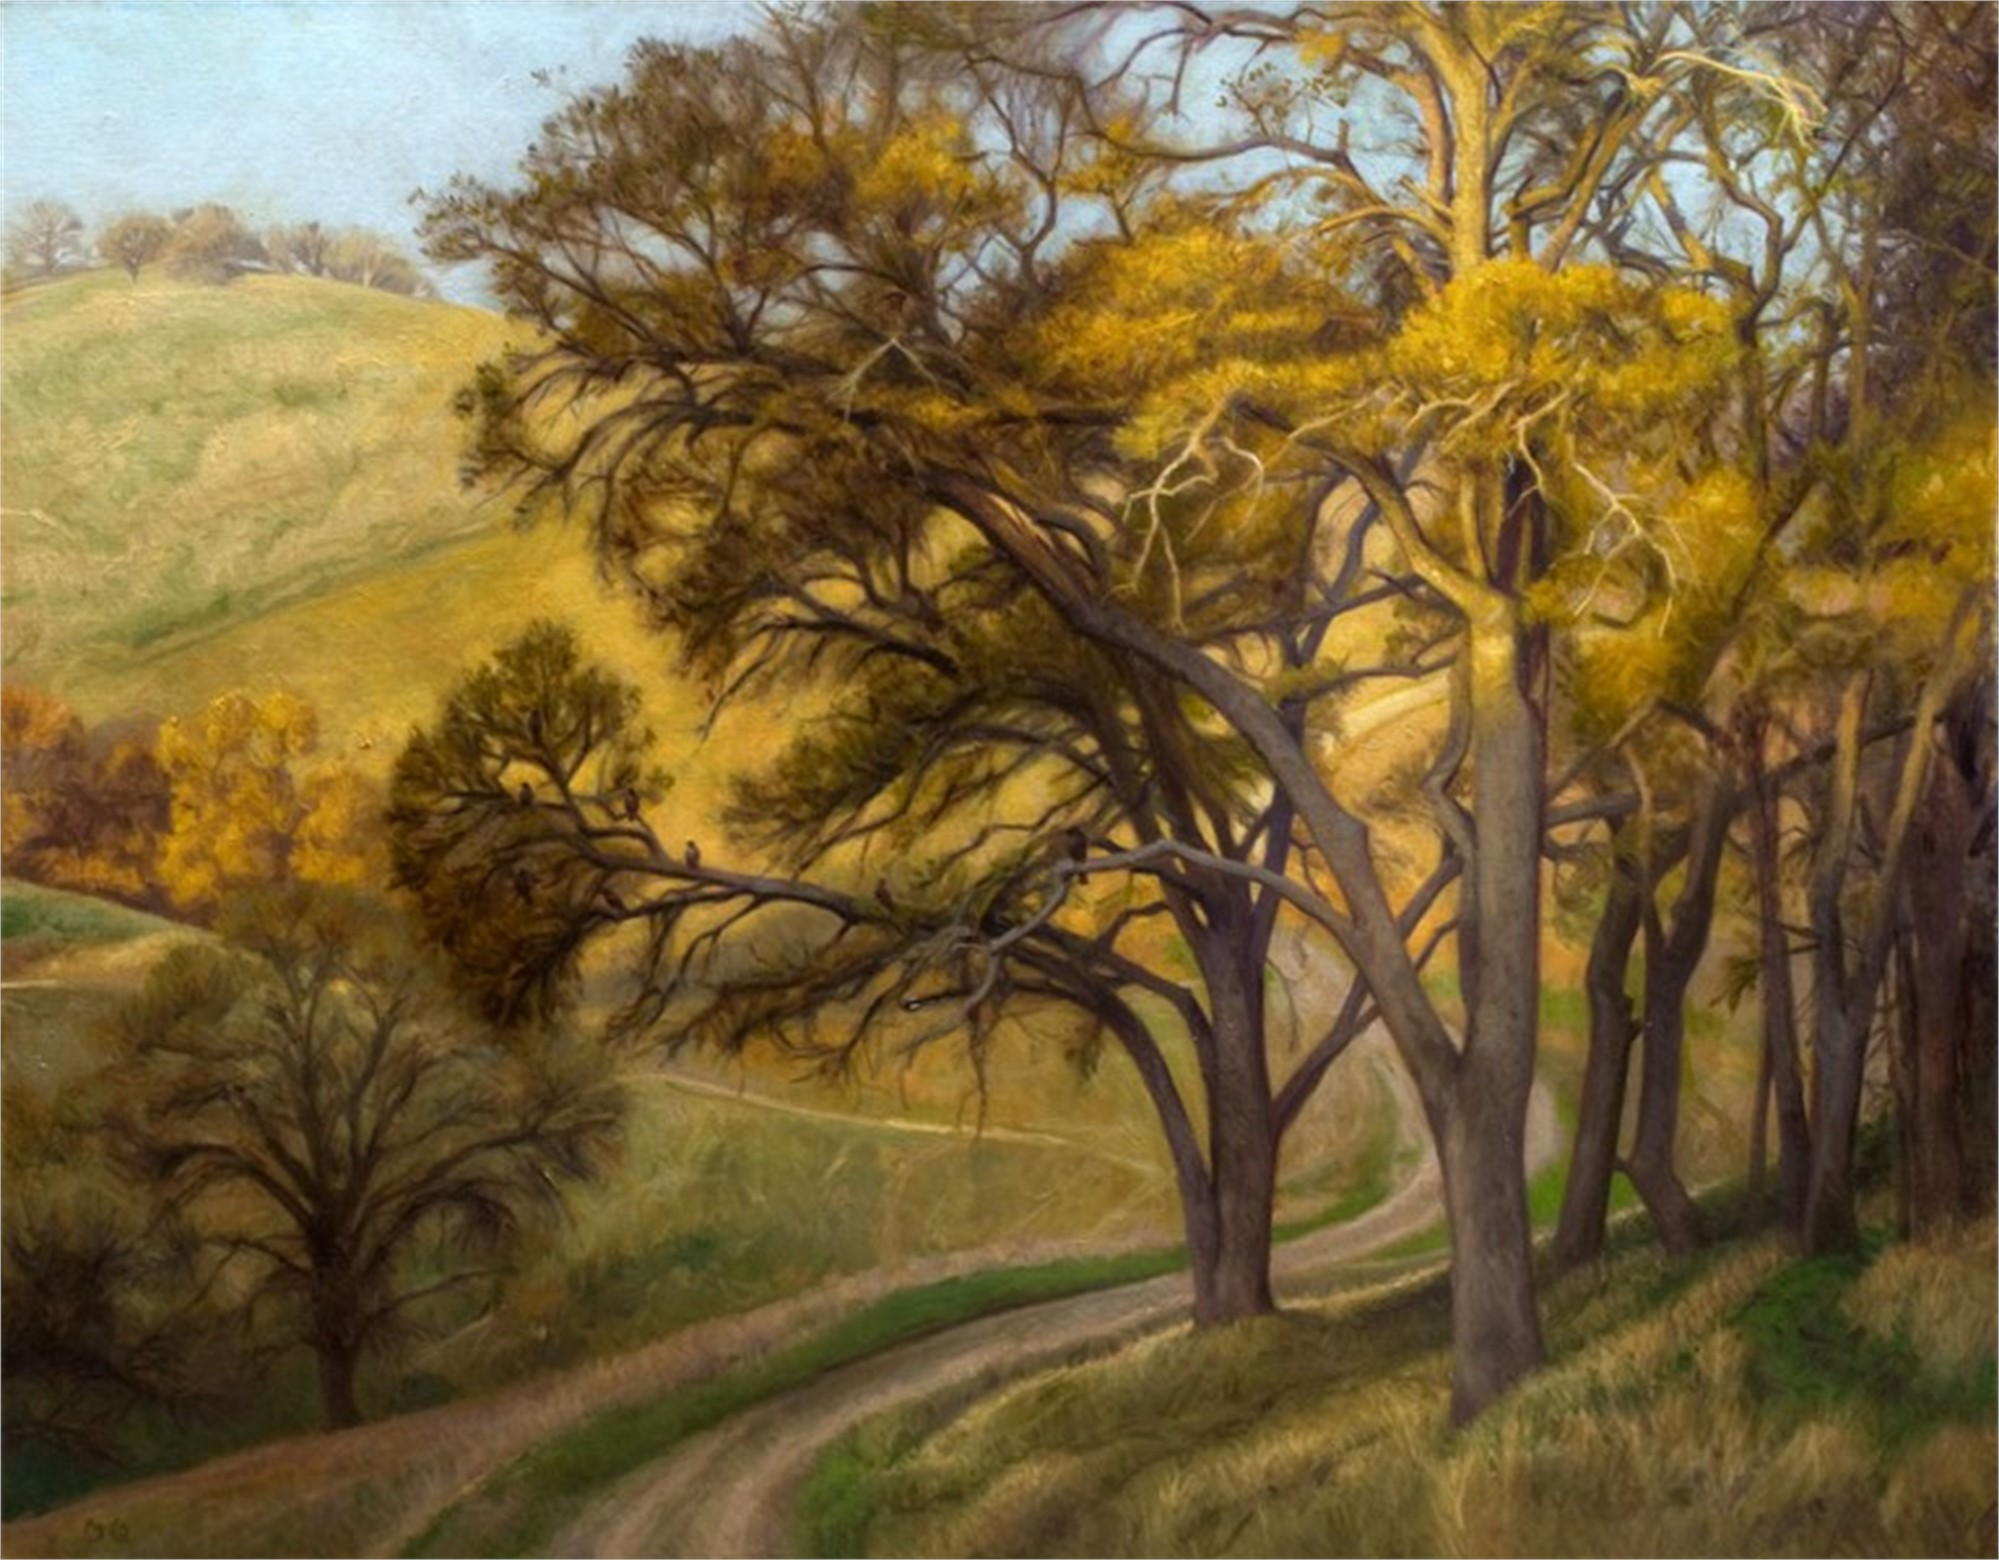 Diablo Oaks by Ocean Quigley